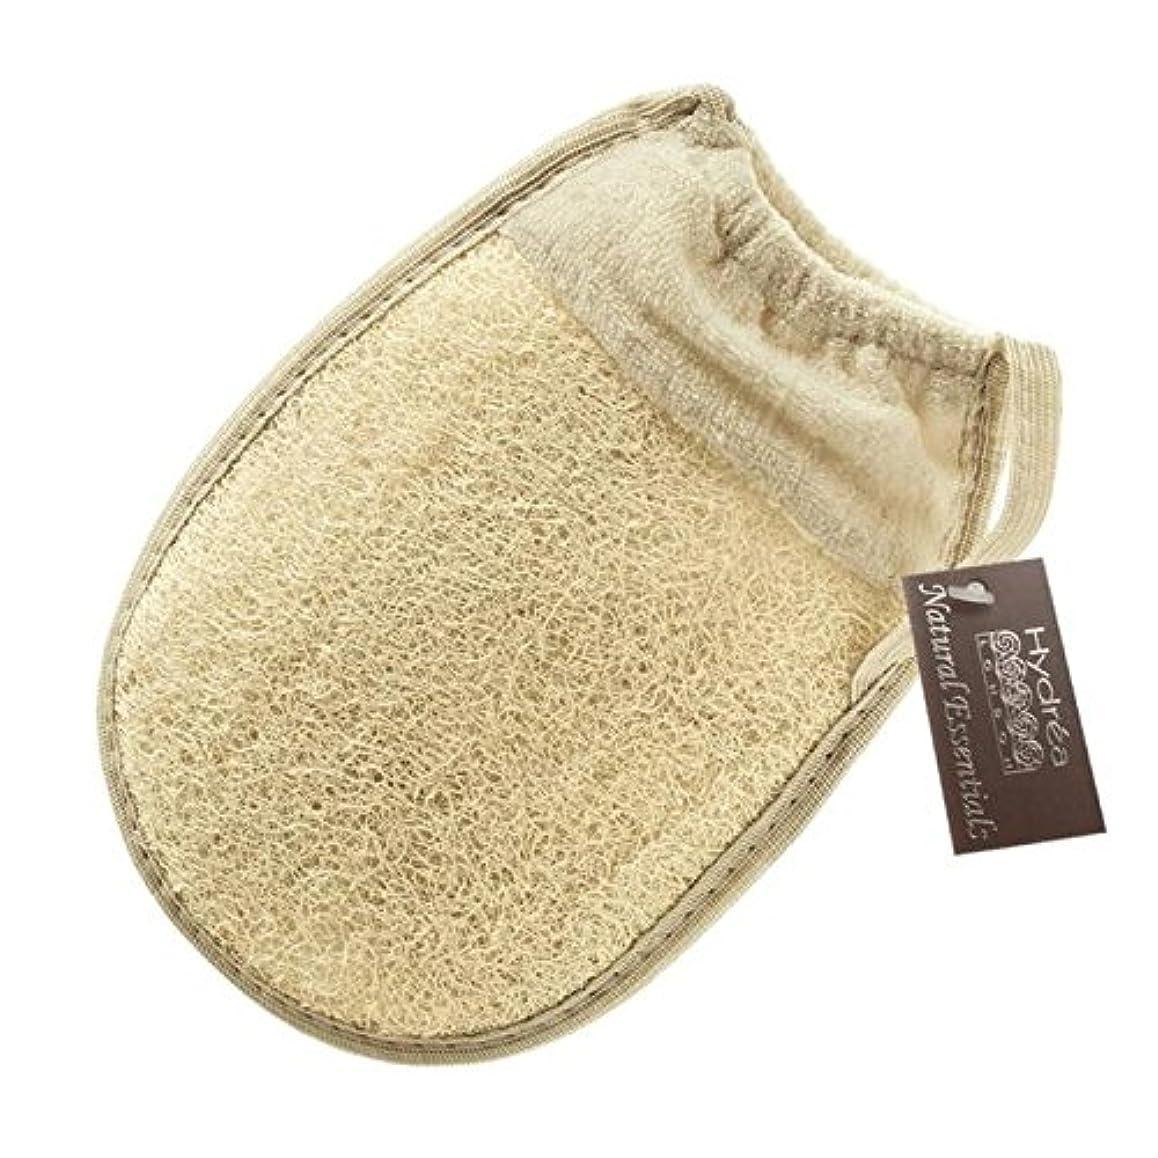 素子海明快Hydrea London Egyptian Loofah Glove with Elasticated Cuff - 伸縮性カフとハイドレアロンドンエジプトのヘチマグローブ [並行輸入品]